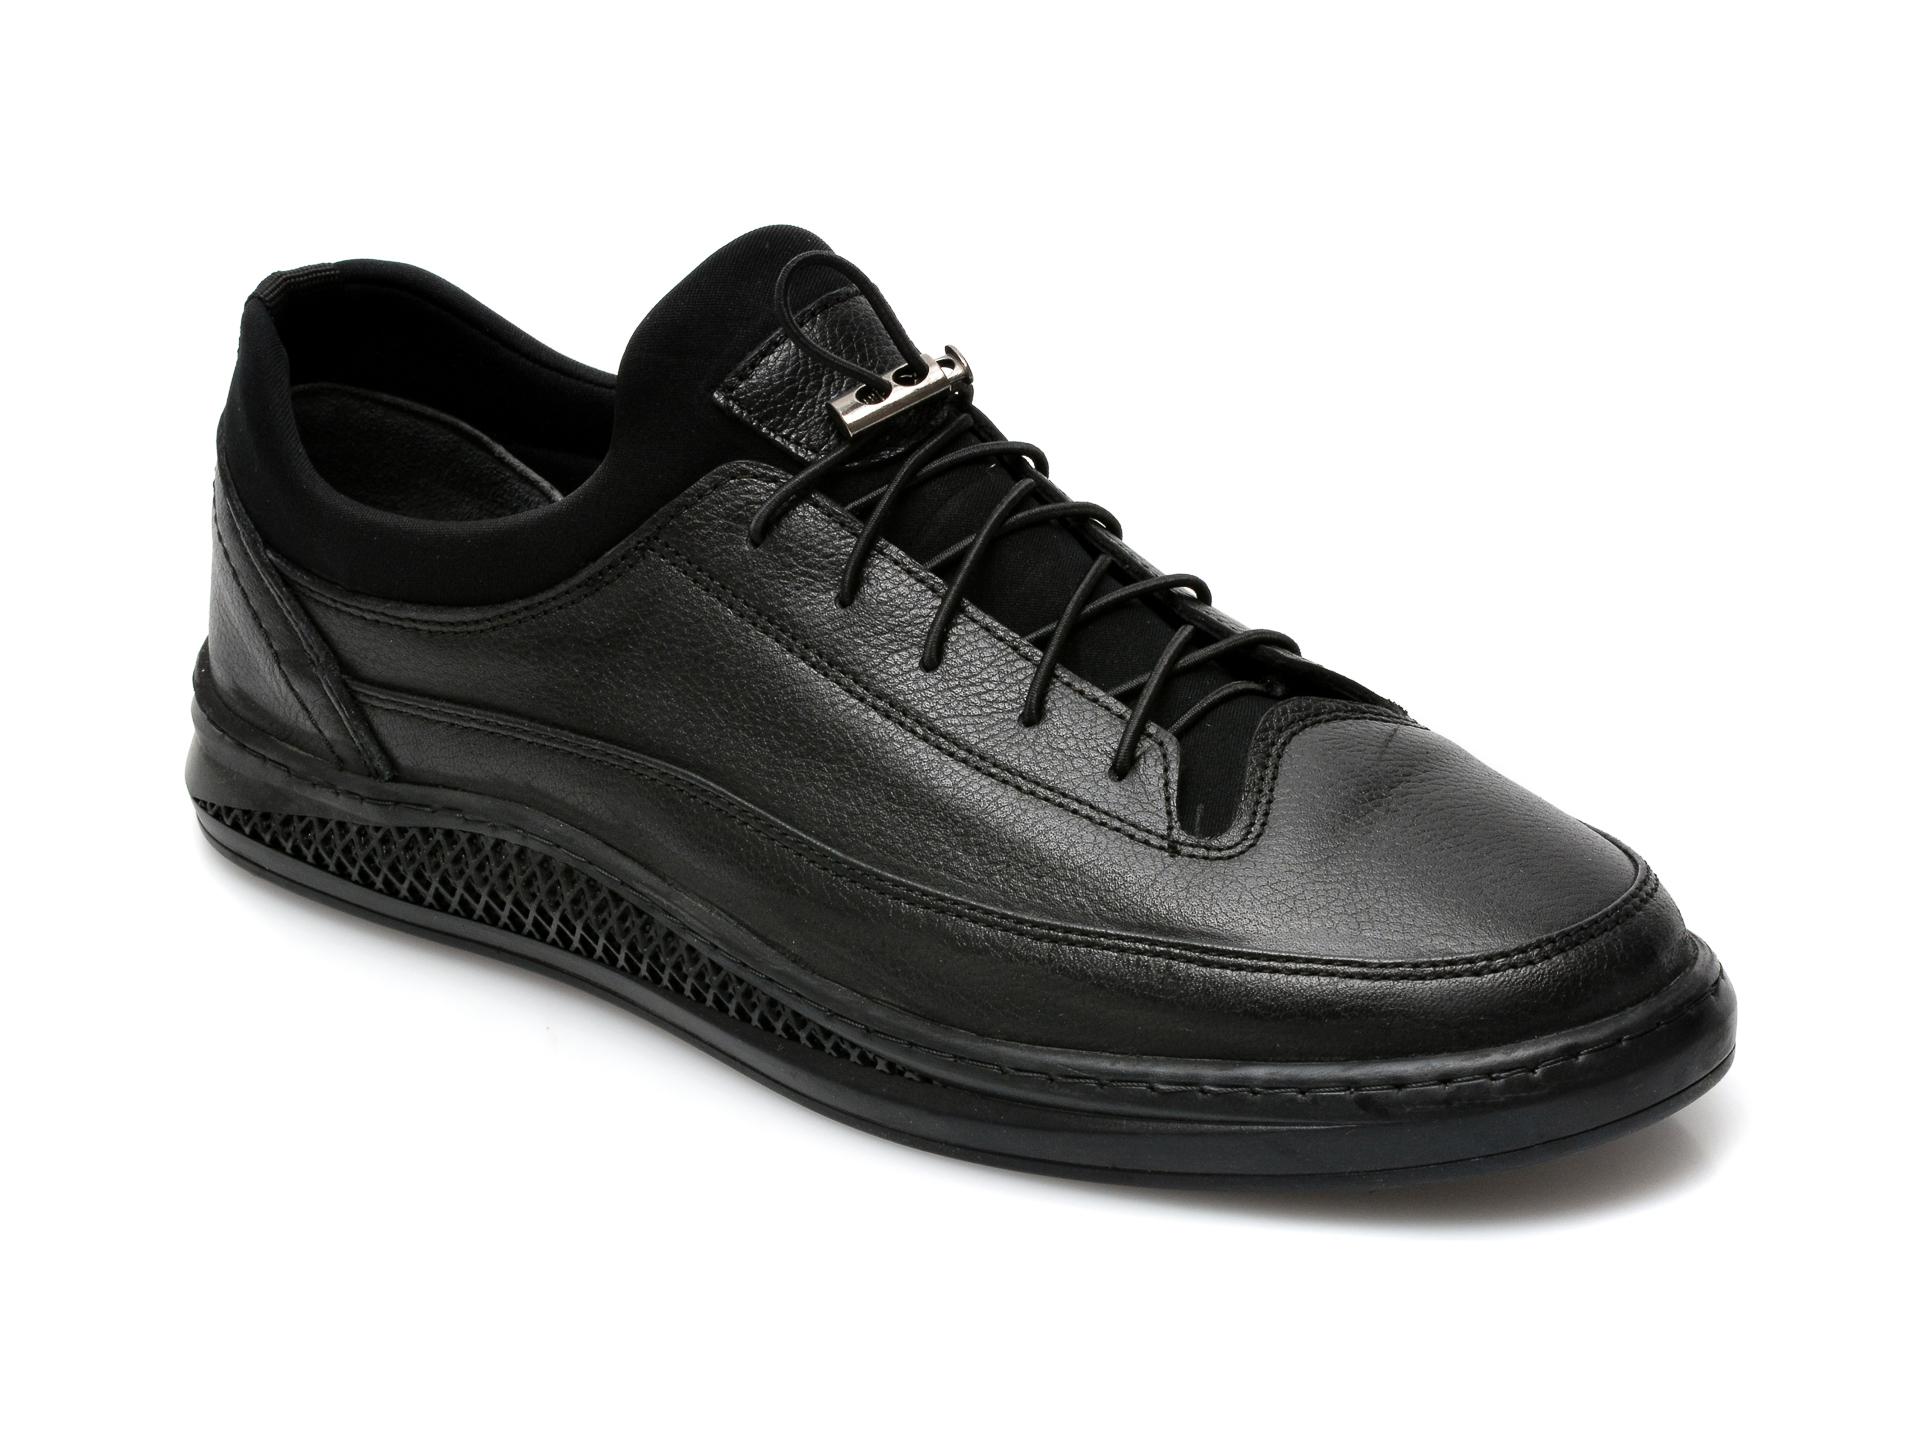 Pantofi OTTER negri, M5792, din piele naturala imagine otter.ro 2021